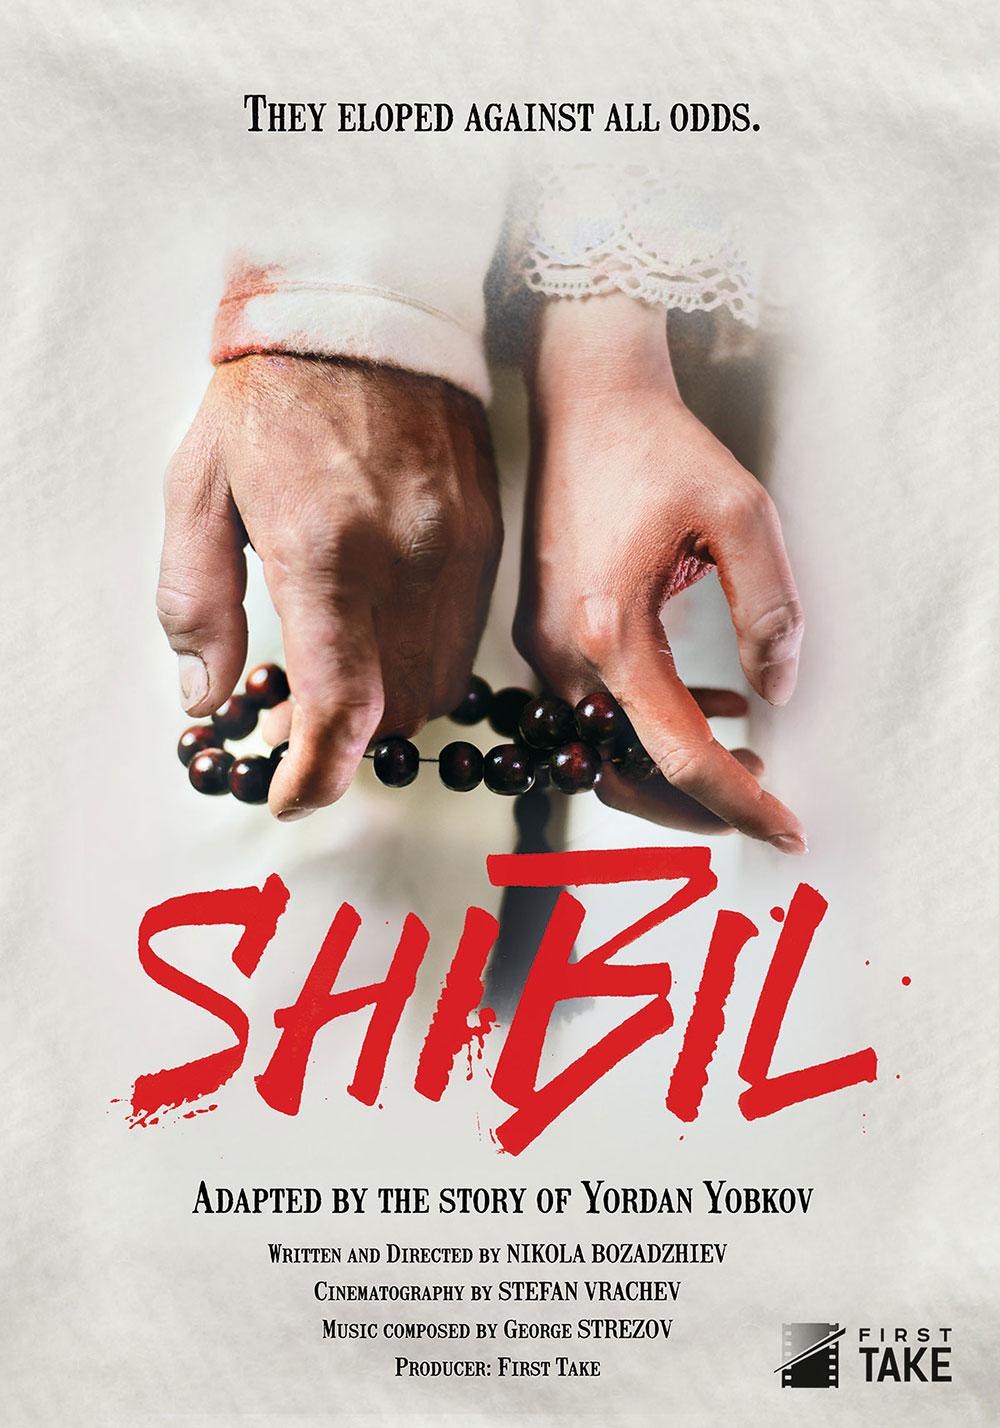 Shibil_02_en.jpg